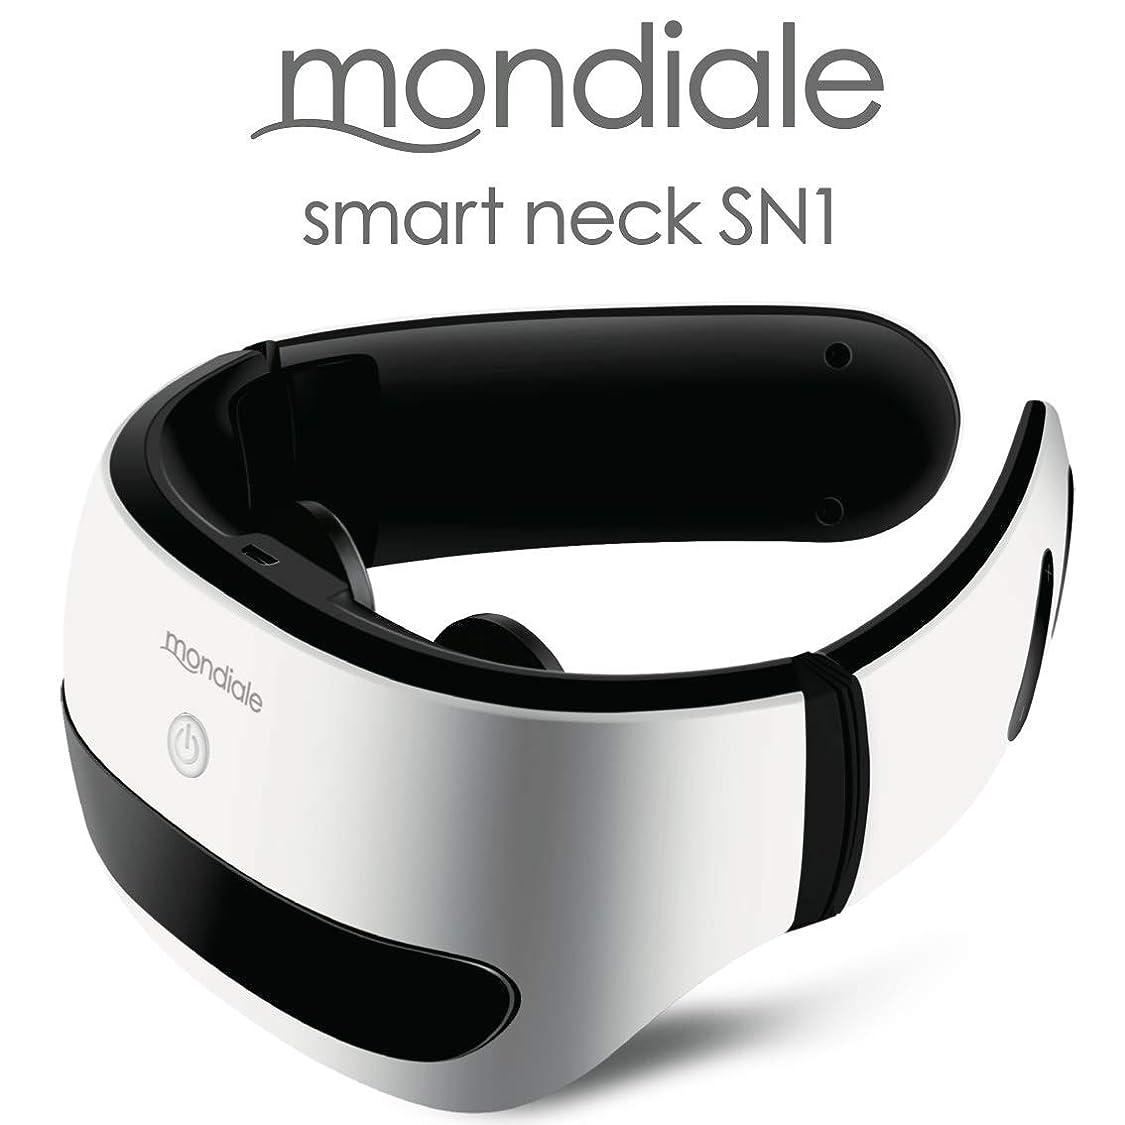 落ちた審判絶え間ないモンデール スマートネック SN1 mondiale smart neck SN1